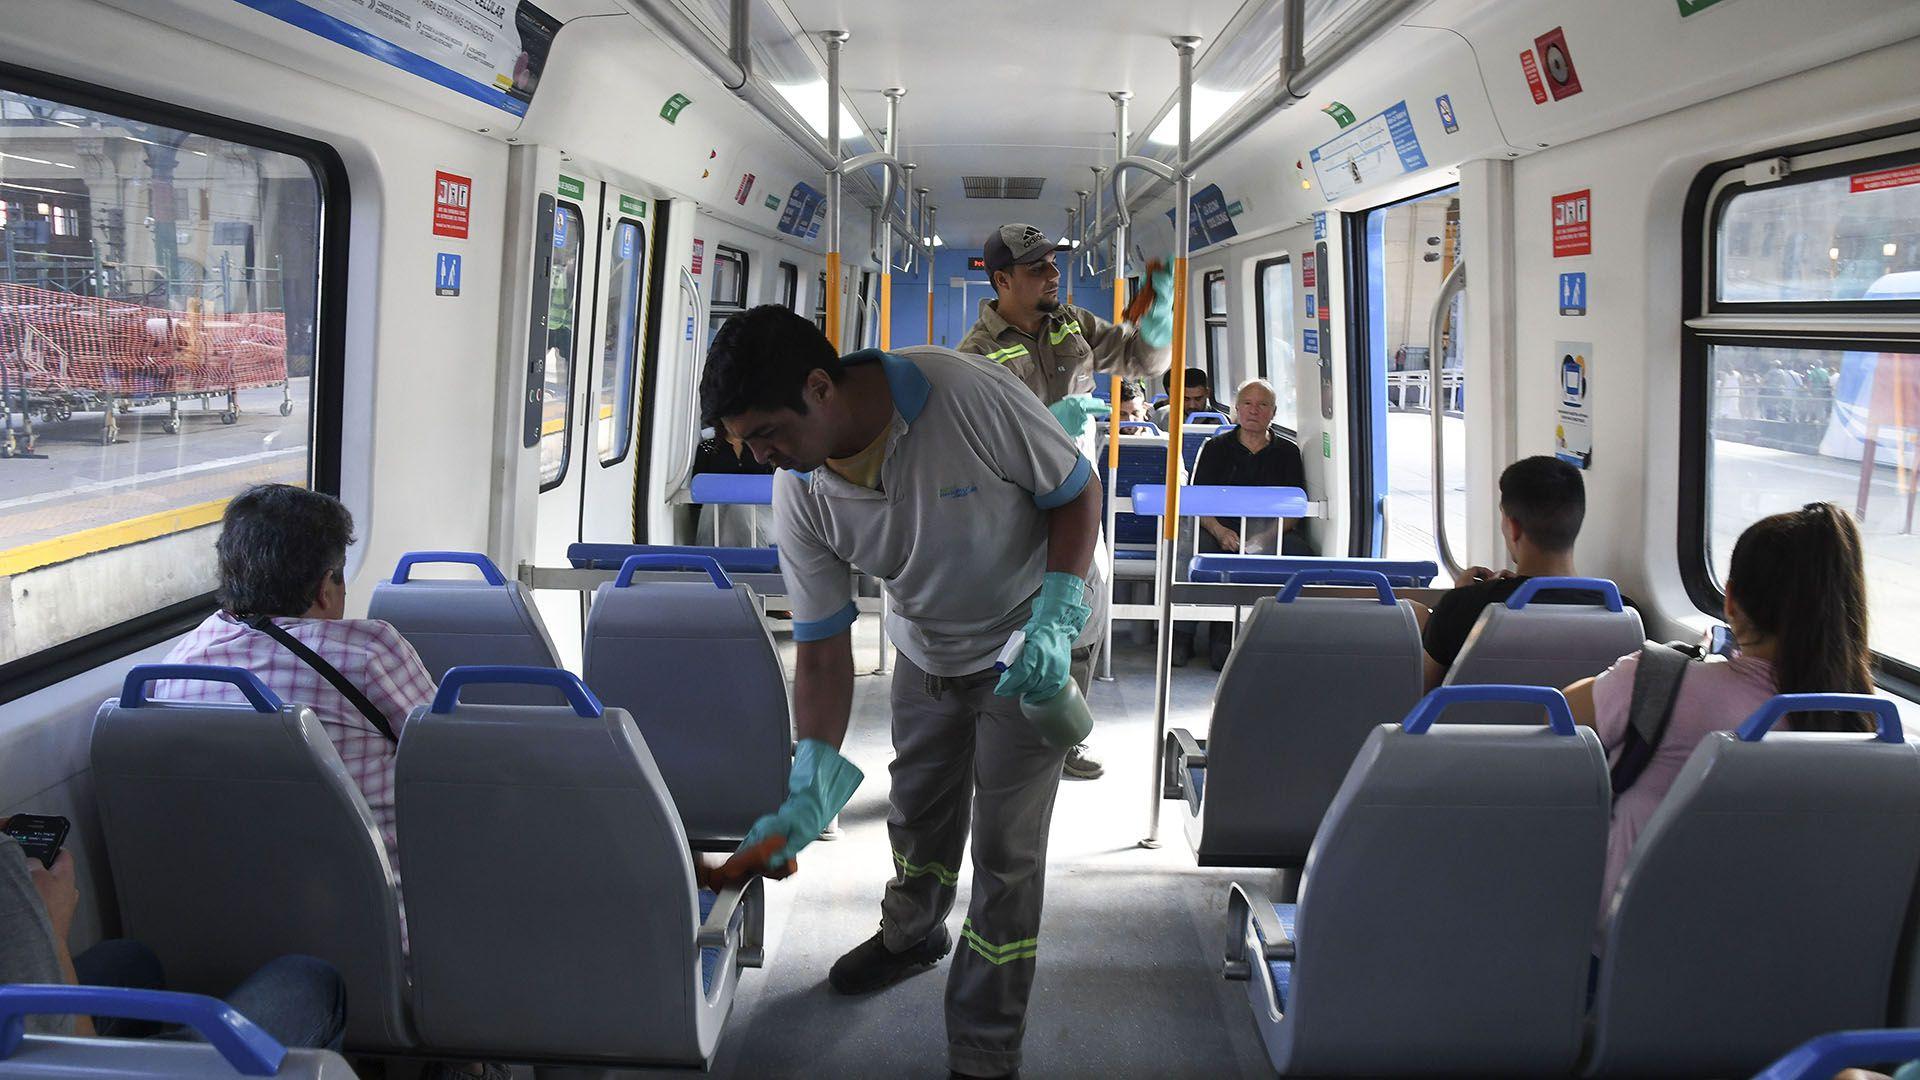 El mayor foco de infección sigue estando en el Área Metropolitana de Buenos Aires, que concentra el 81,3% de los casos. (Foto: Daniel Dabove/Télam)